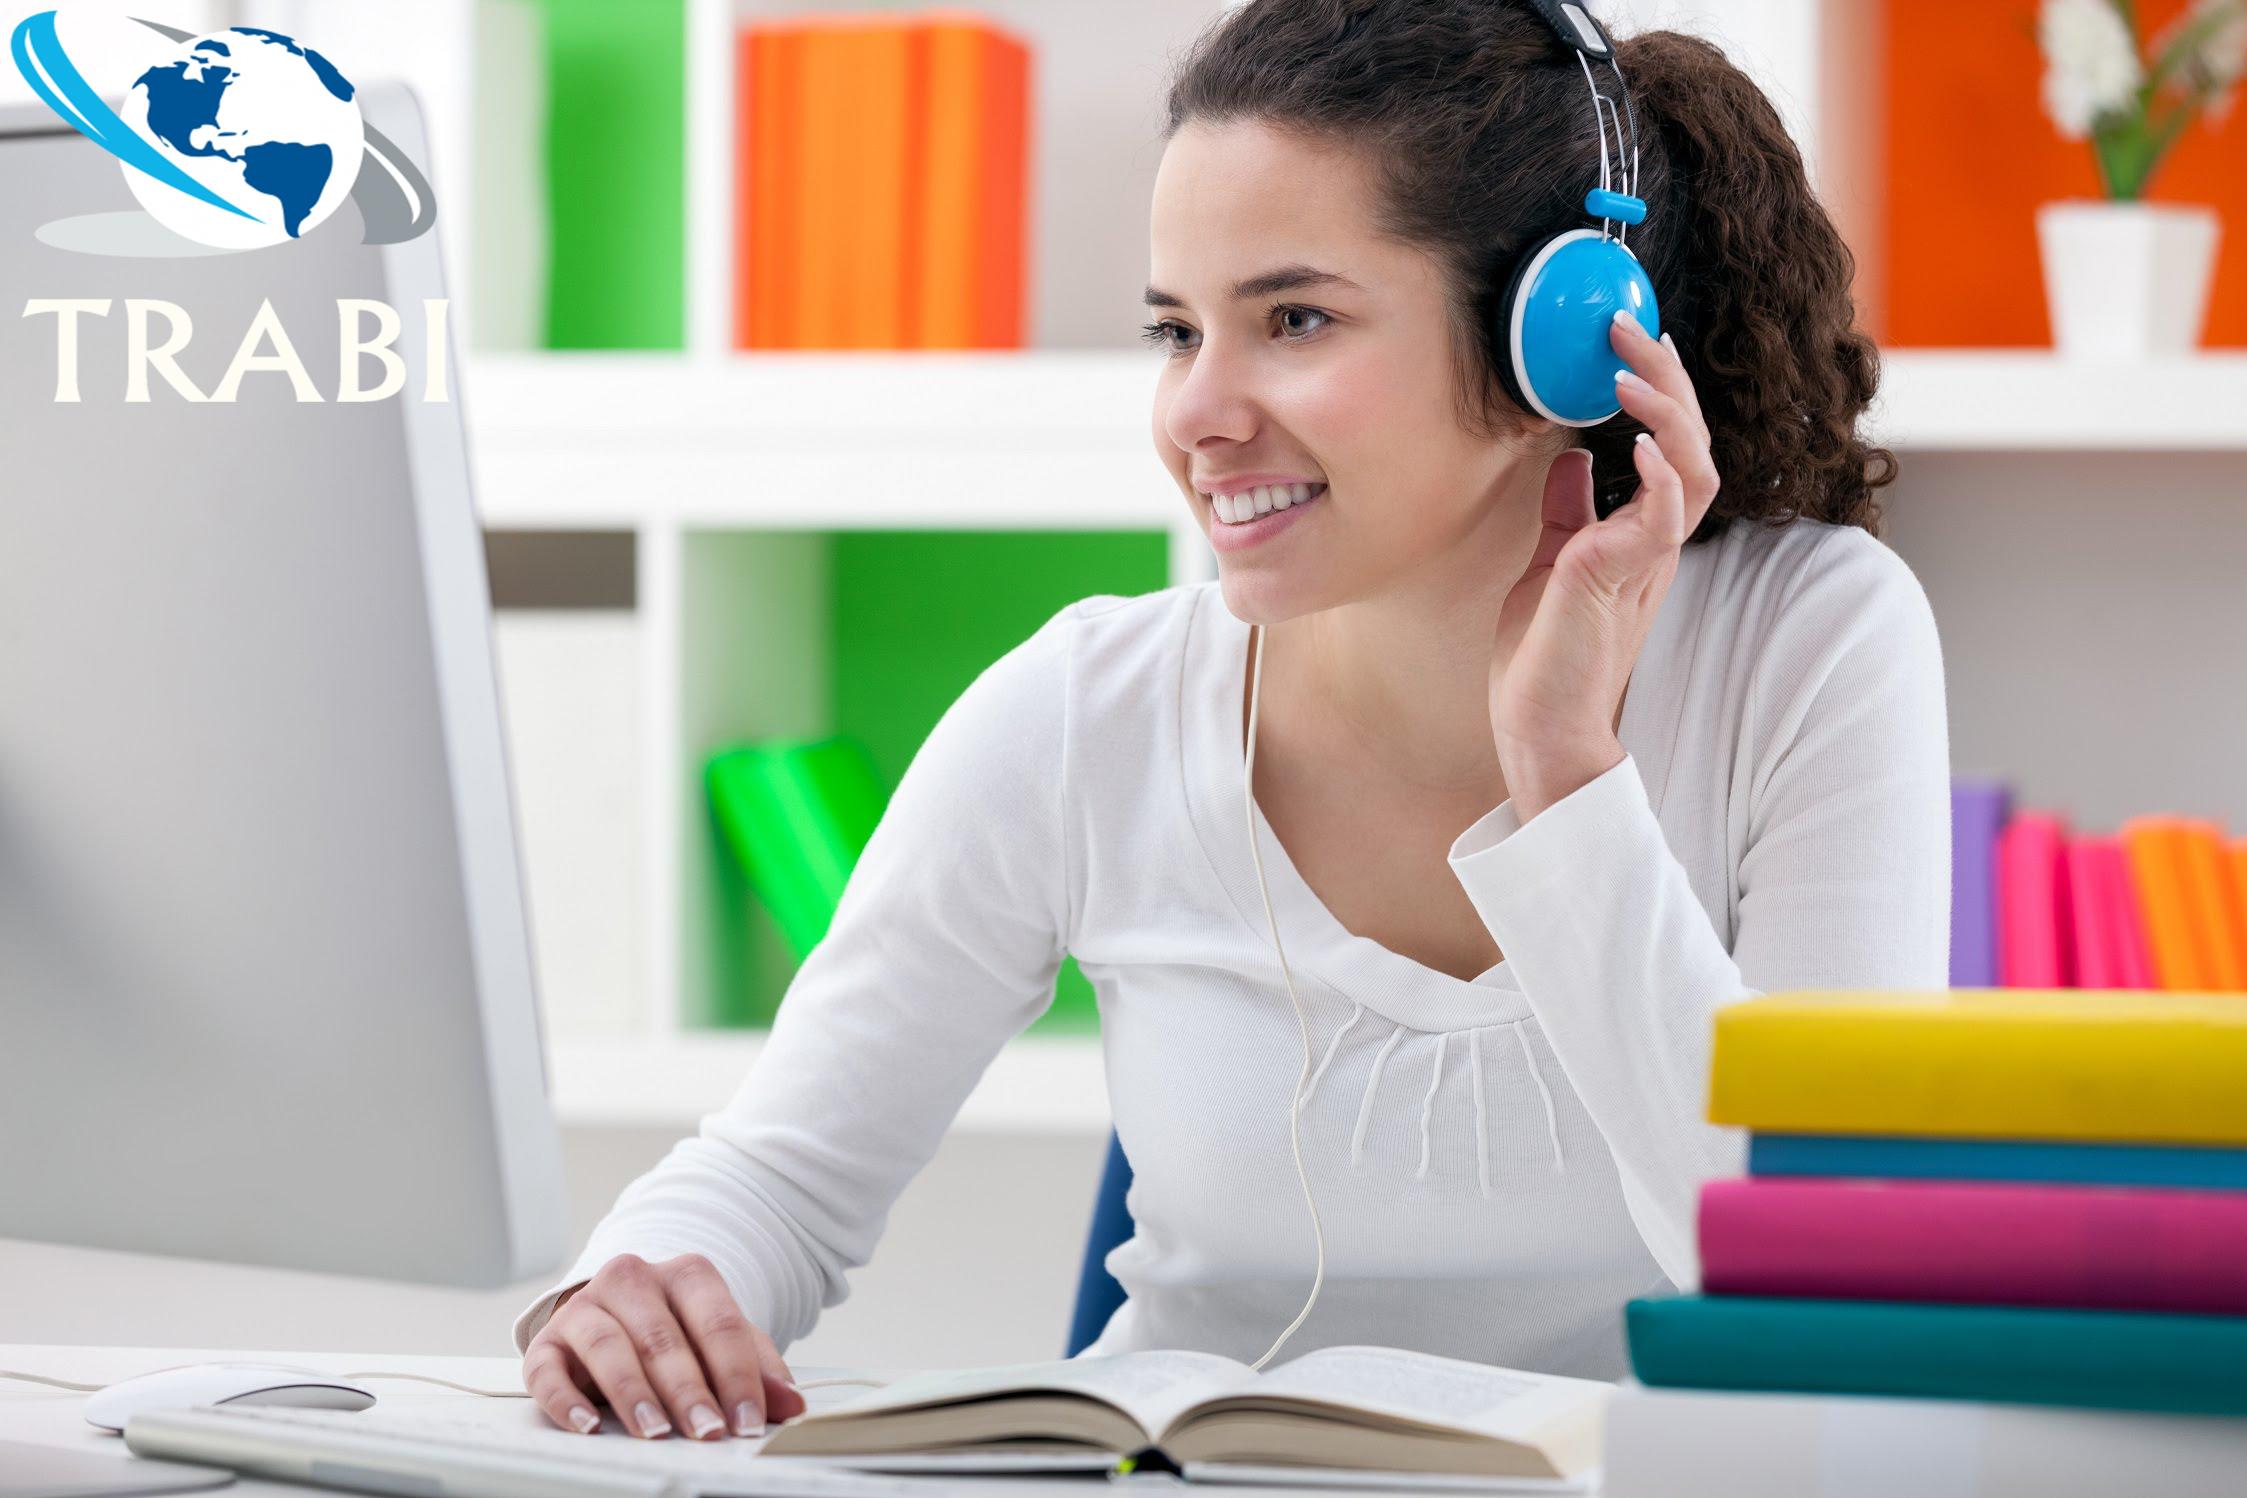 Học viên thường gặp khó khăn ở chỗ phần nghe và nói